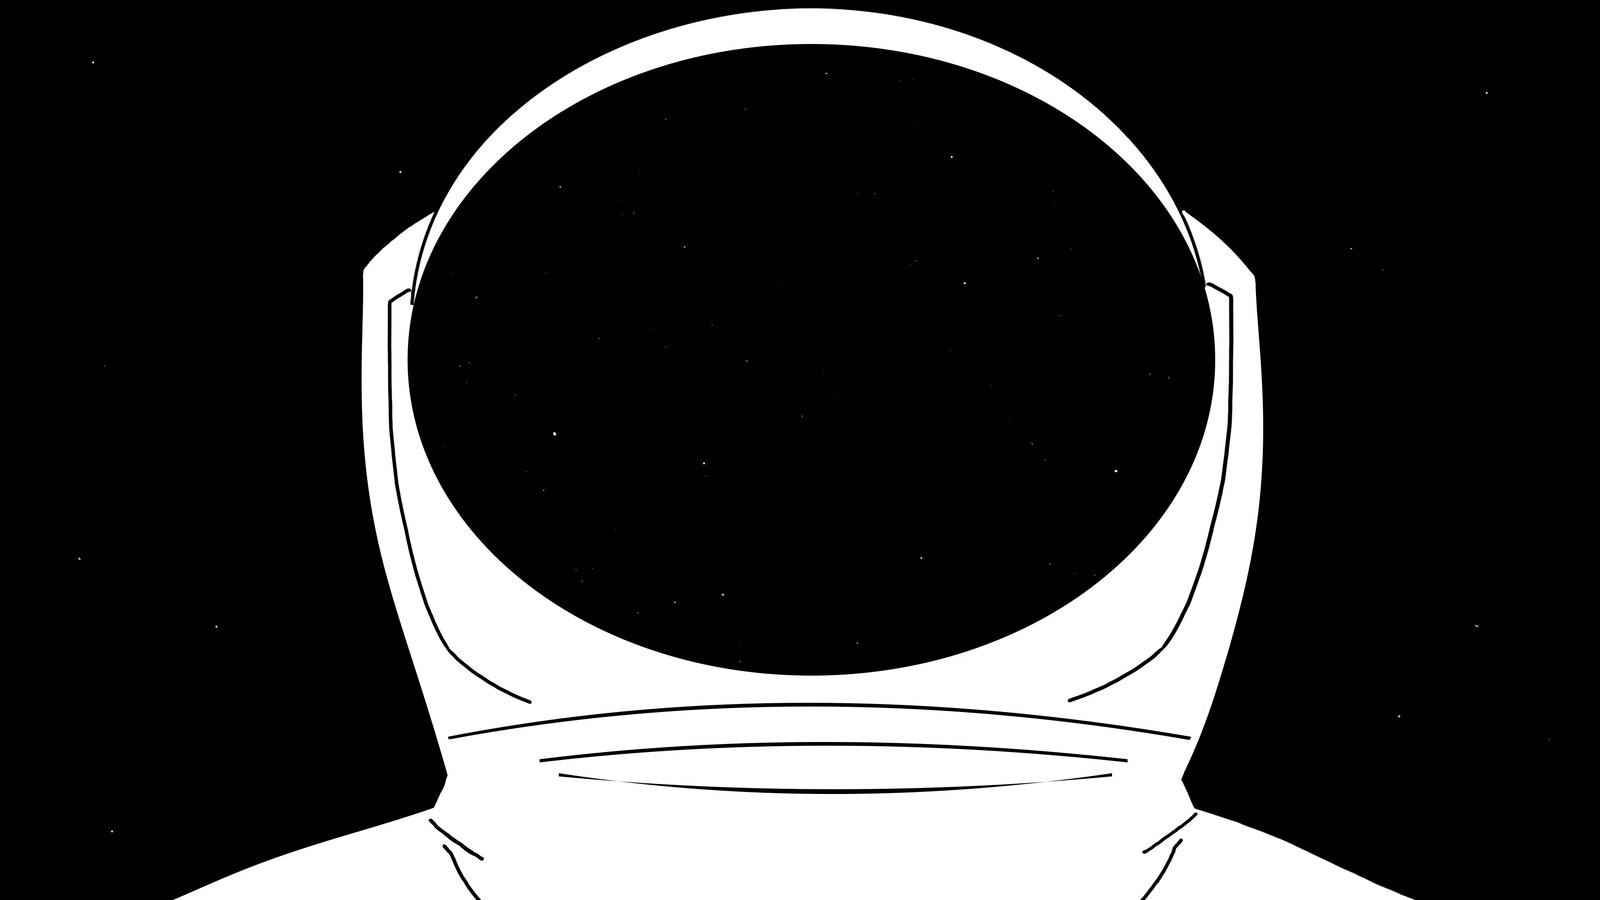 L'image dessinée d'une tenue de cosmonaute blanche sur fond noir.